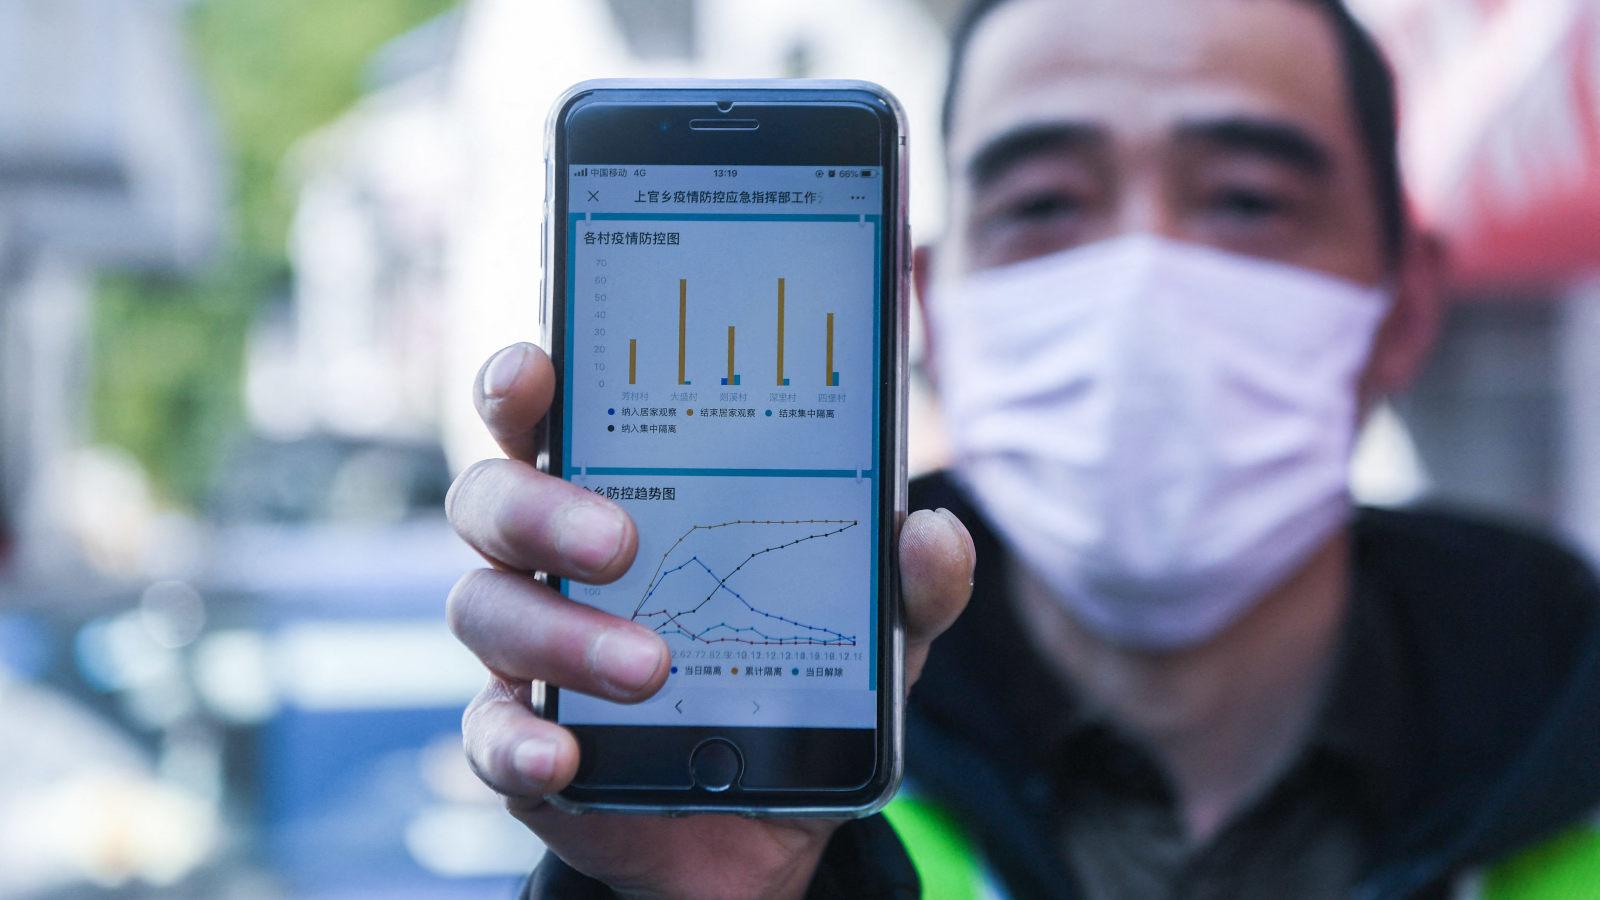 Távgyógyítás, házilabor, adatláz: így profitálhat a járványból az egészségügy